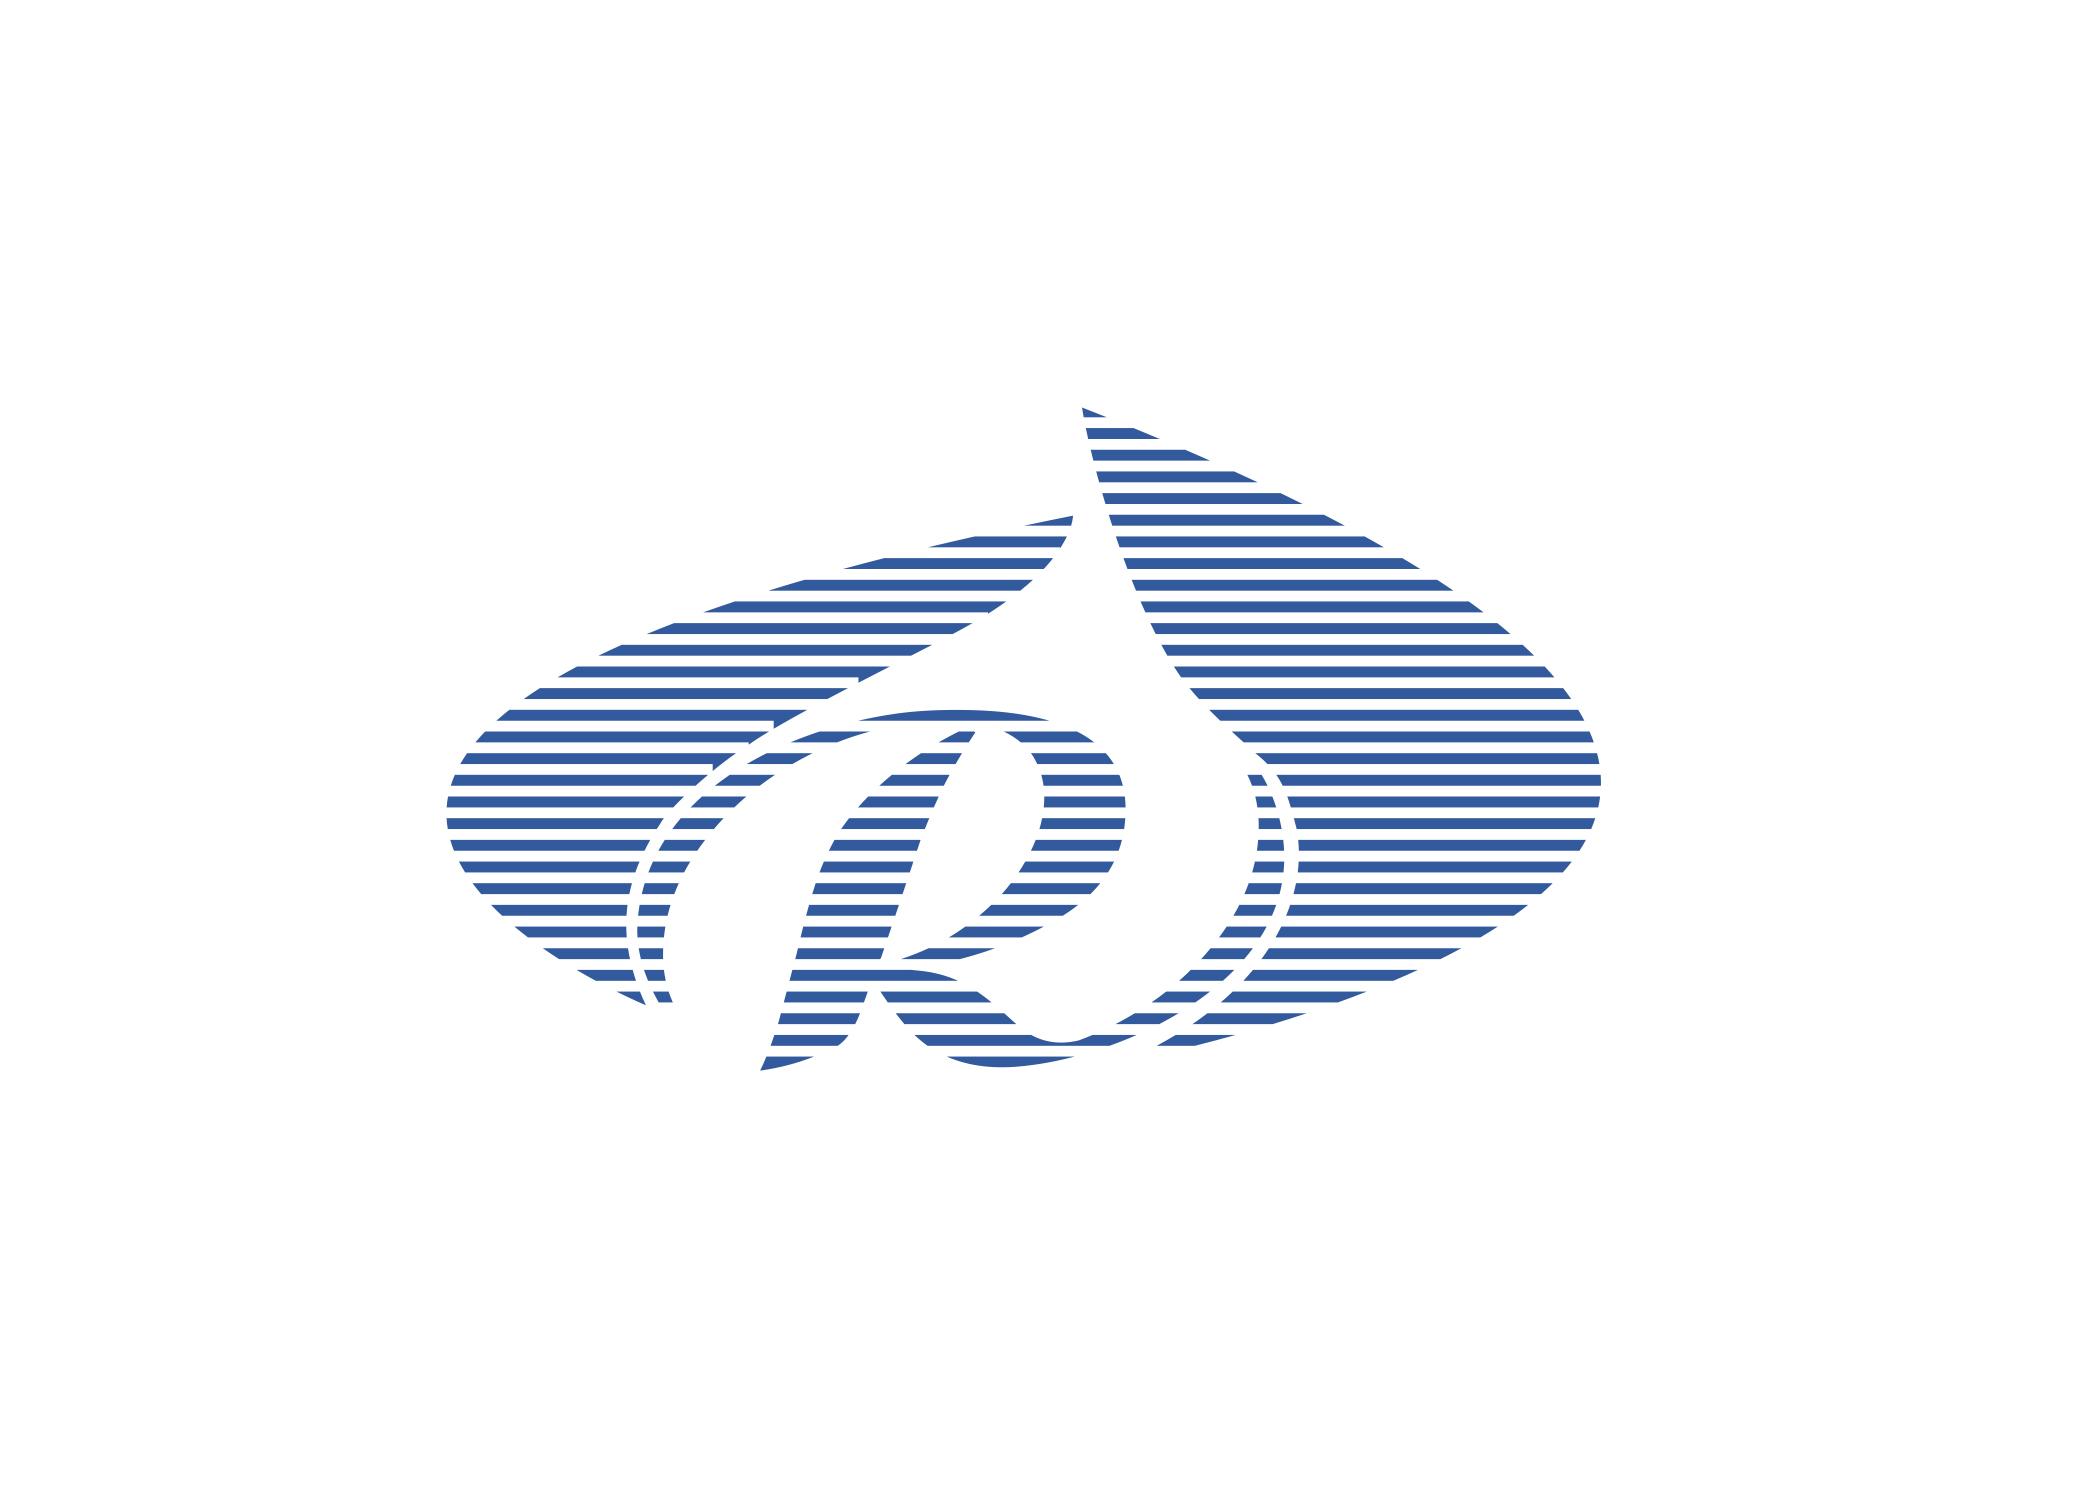 Разработка логотипа корпоративной парусной регаты фото f_2115c18db0d135bc.jpg